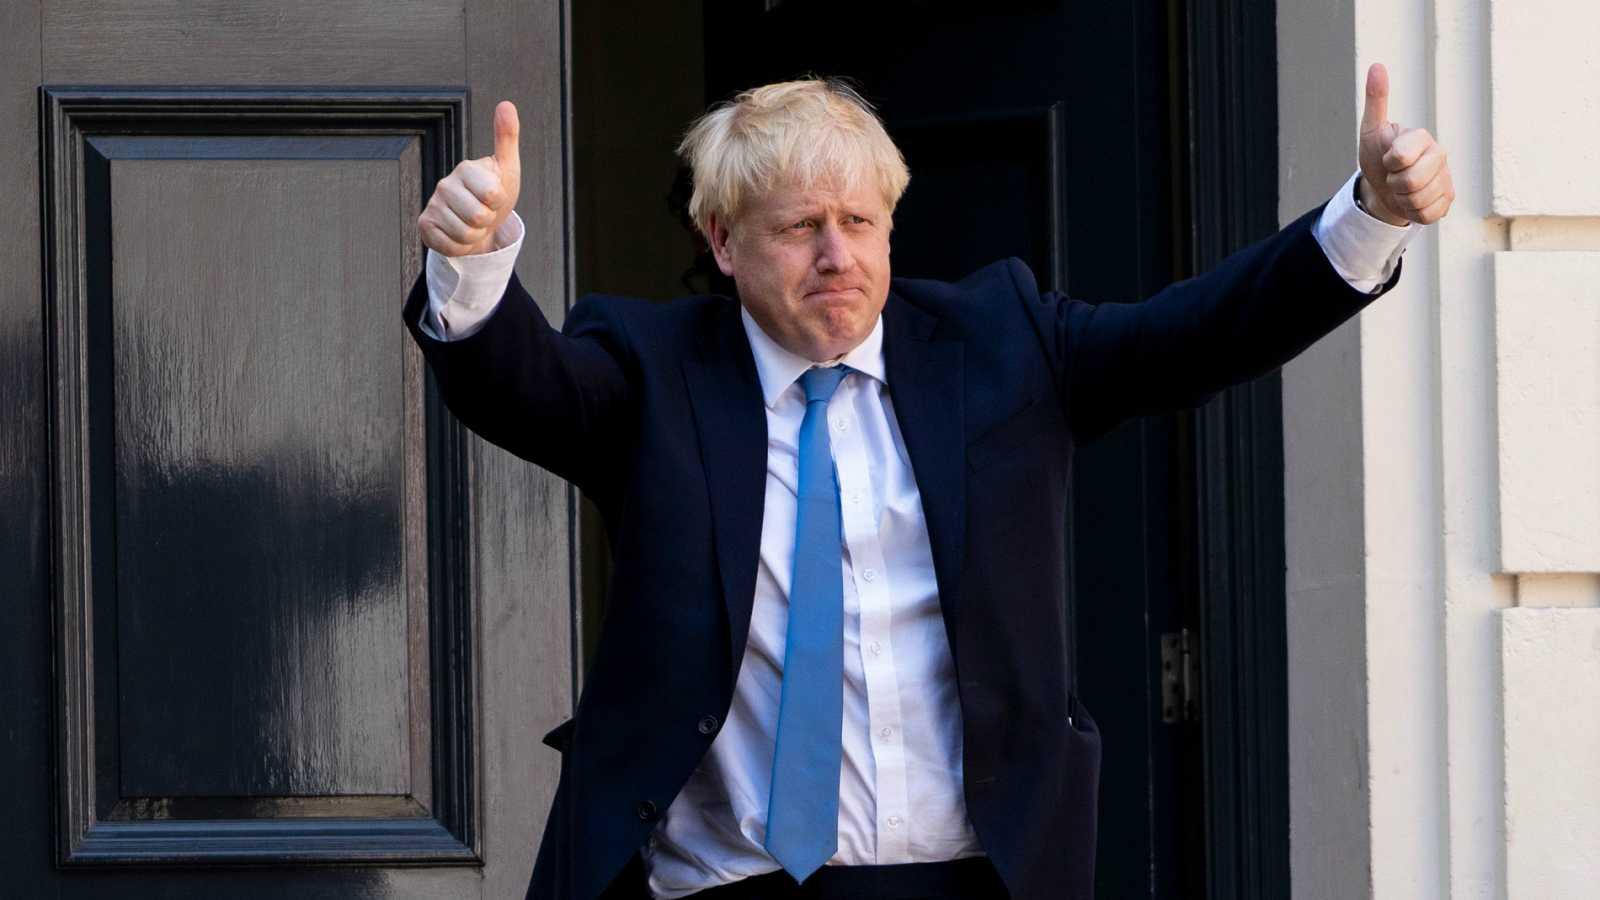 Boris Johnson sustituye a Theresa May como nuevo líder del partido conservador